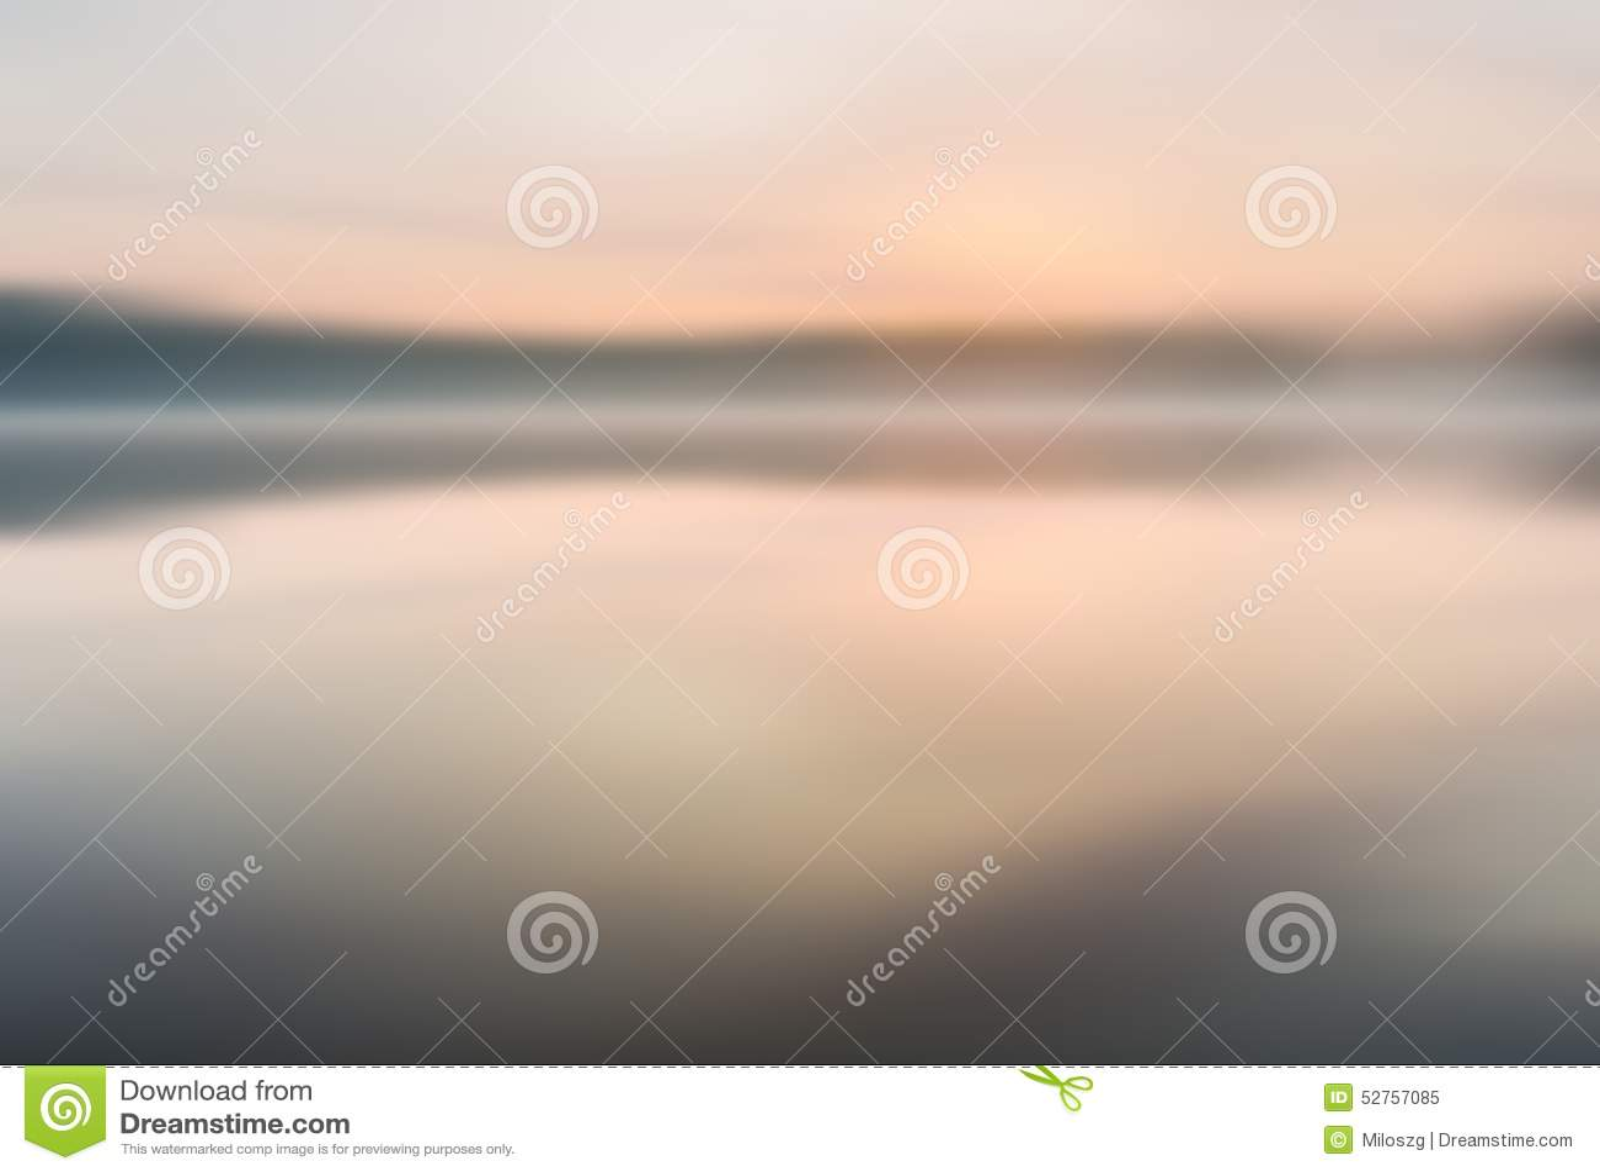 Rozmyty jezioro krajobraz pożytecznie jako tło